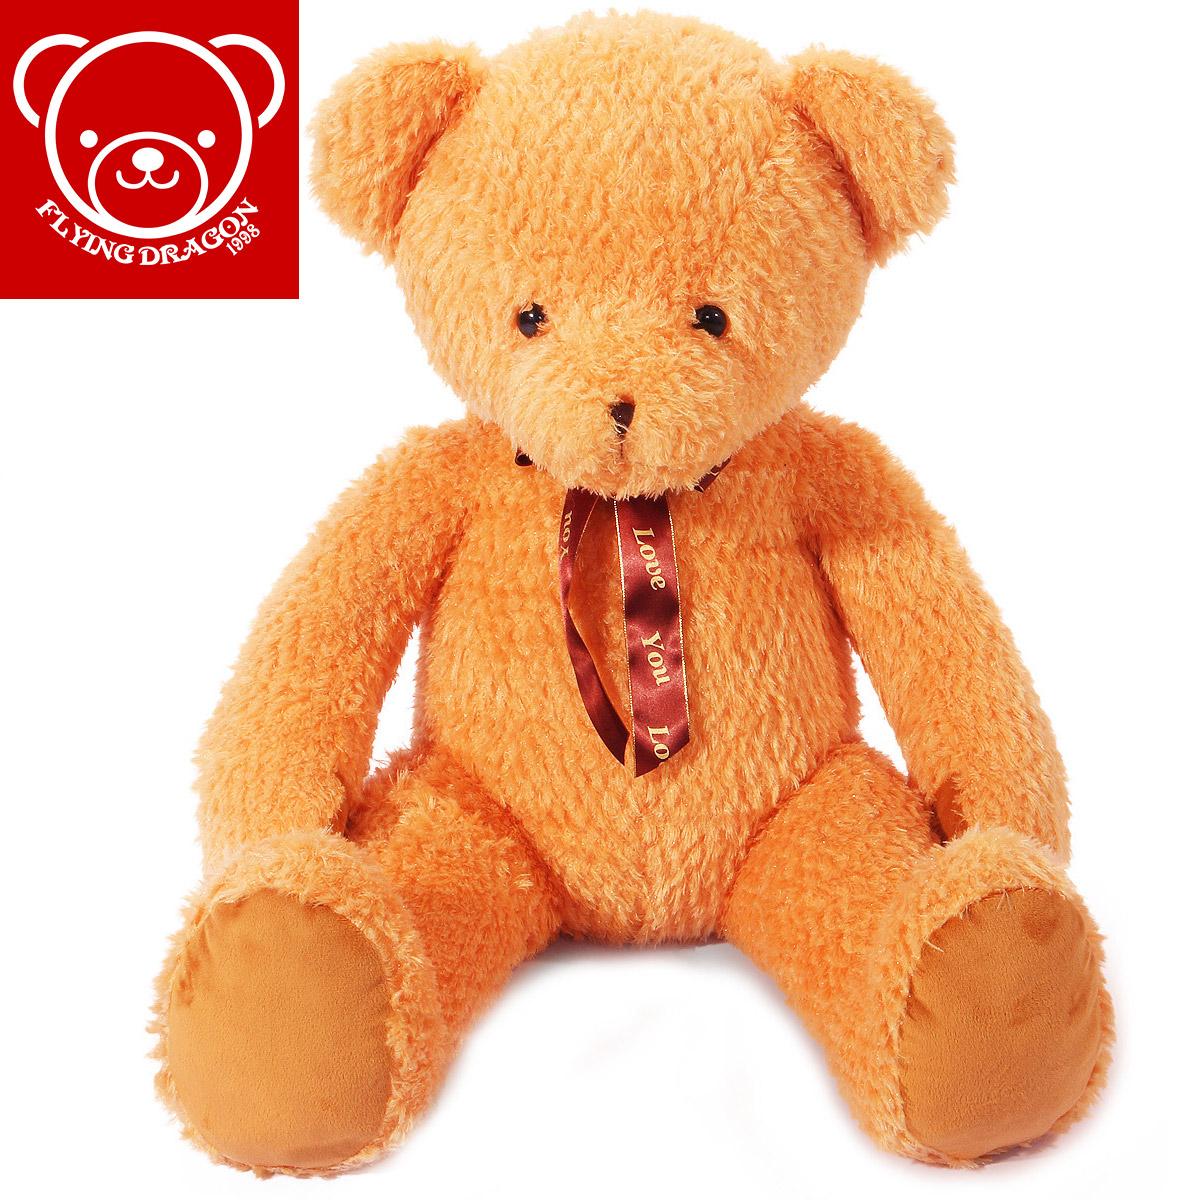 飘飘龙布偶公仔大号毛绒玩具可爱熊布娃娃害羞礼物玩偶生日女小游戏芭比娃娃化妆图片